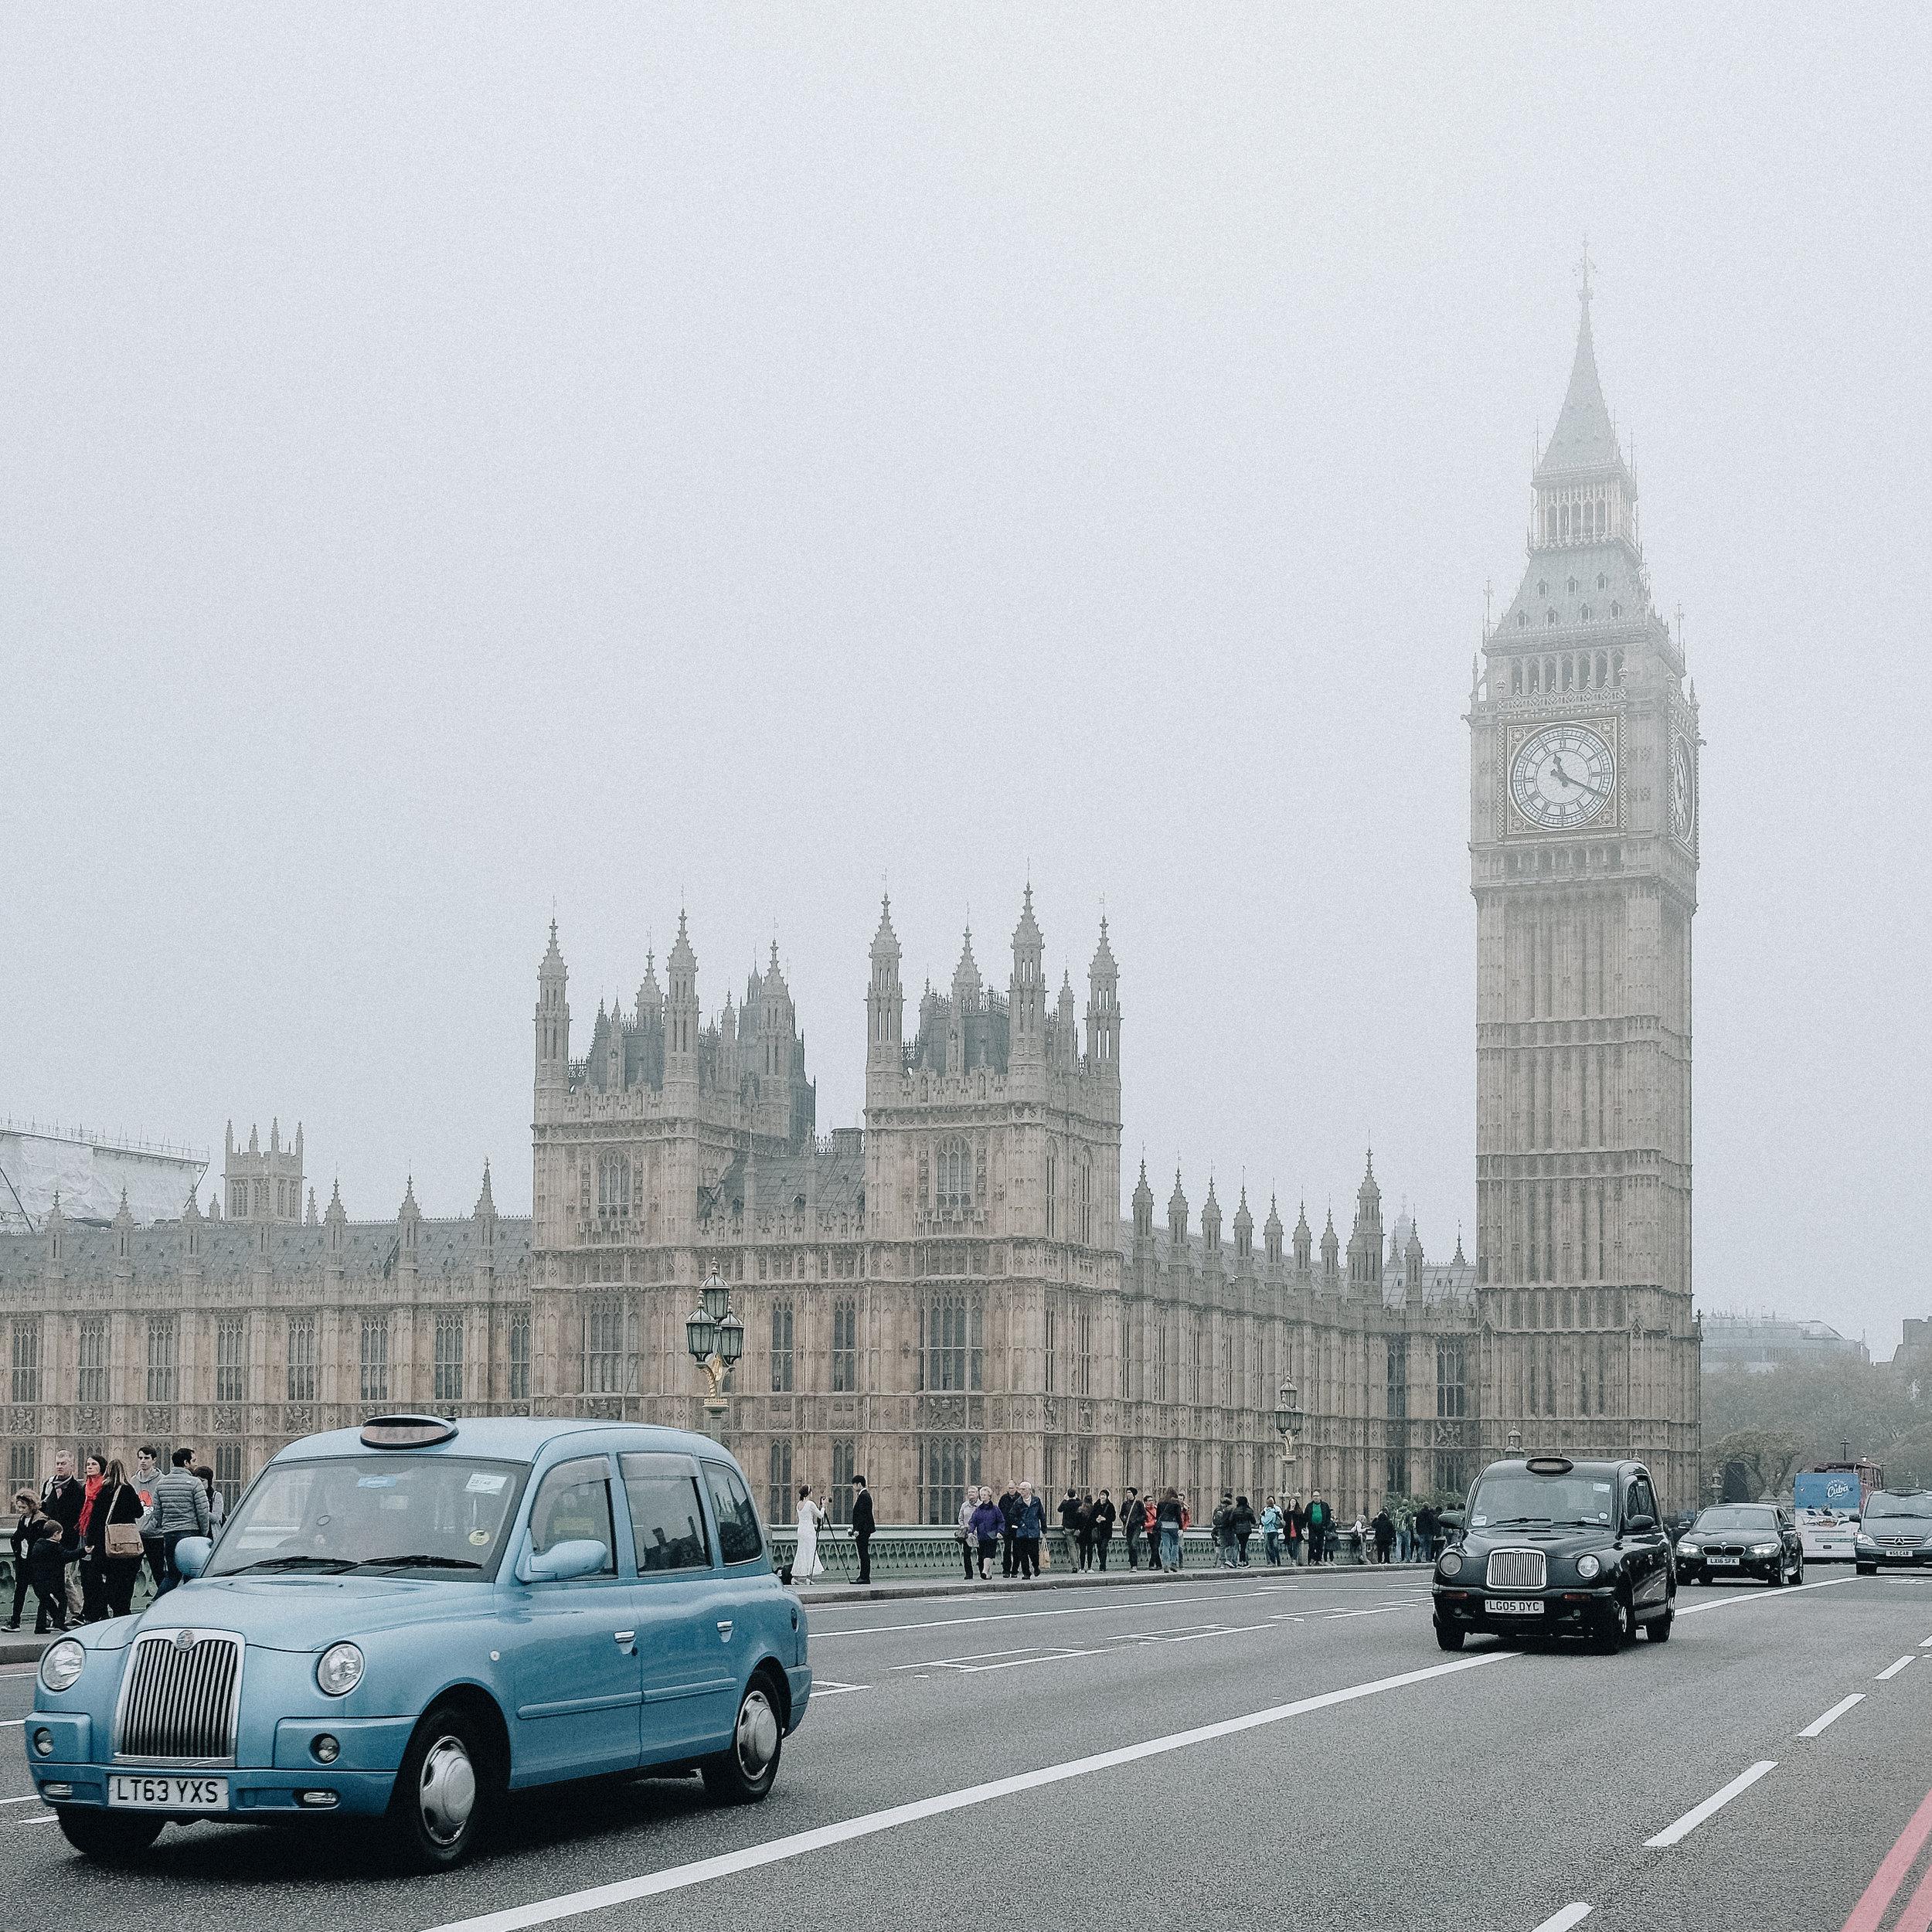 LondonFog-29.jpg